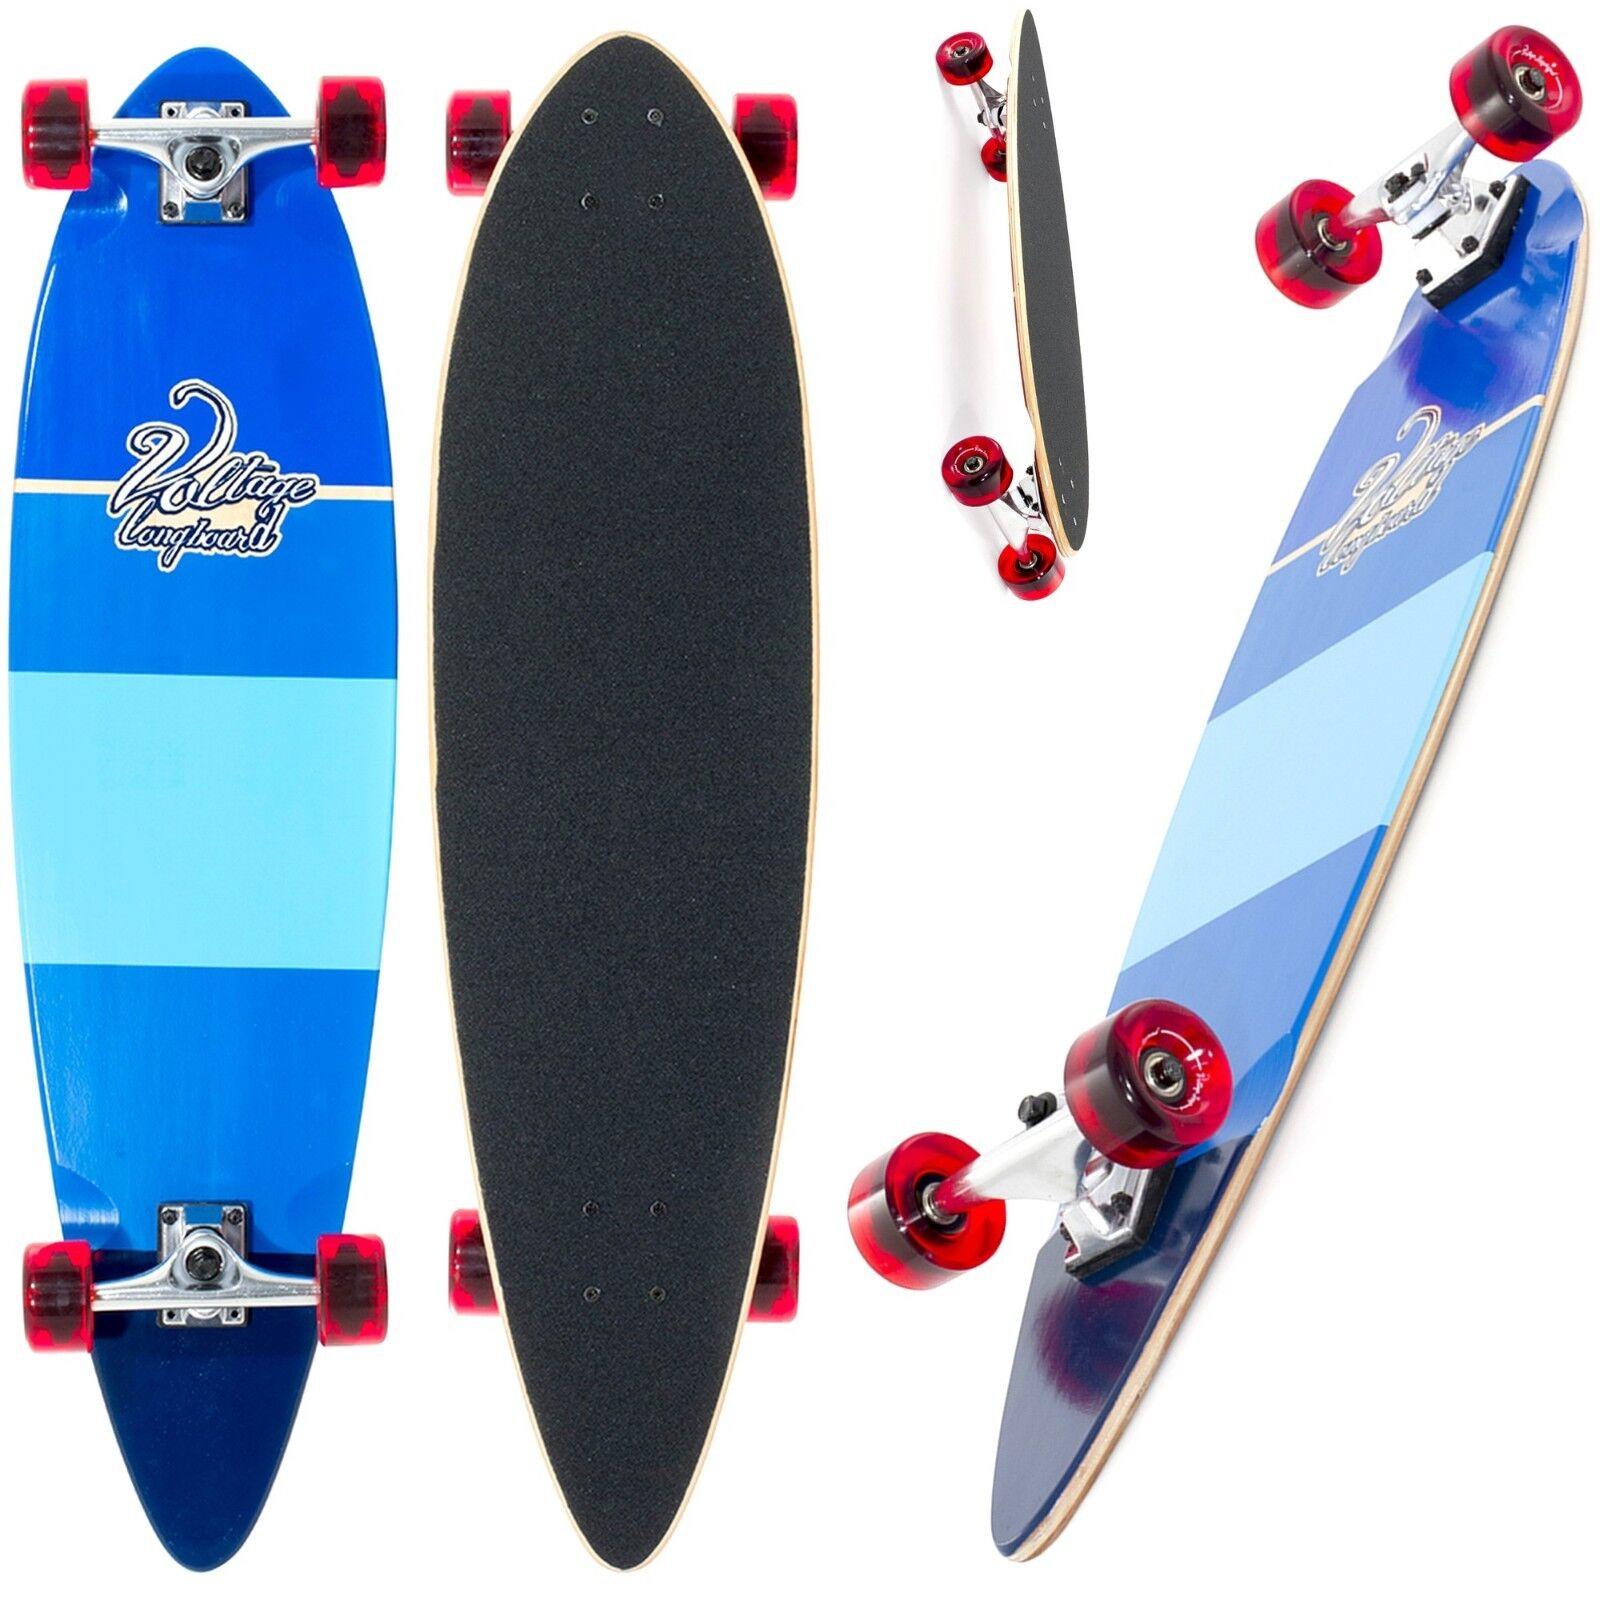 Longboard Longboard Longboard Komplett Mindless Voltage 2 Neue Modelle Skateboard 71c635